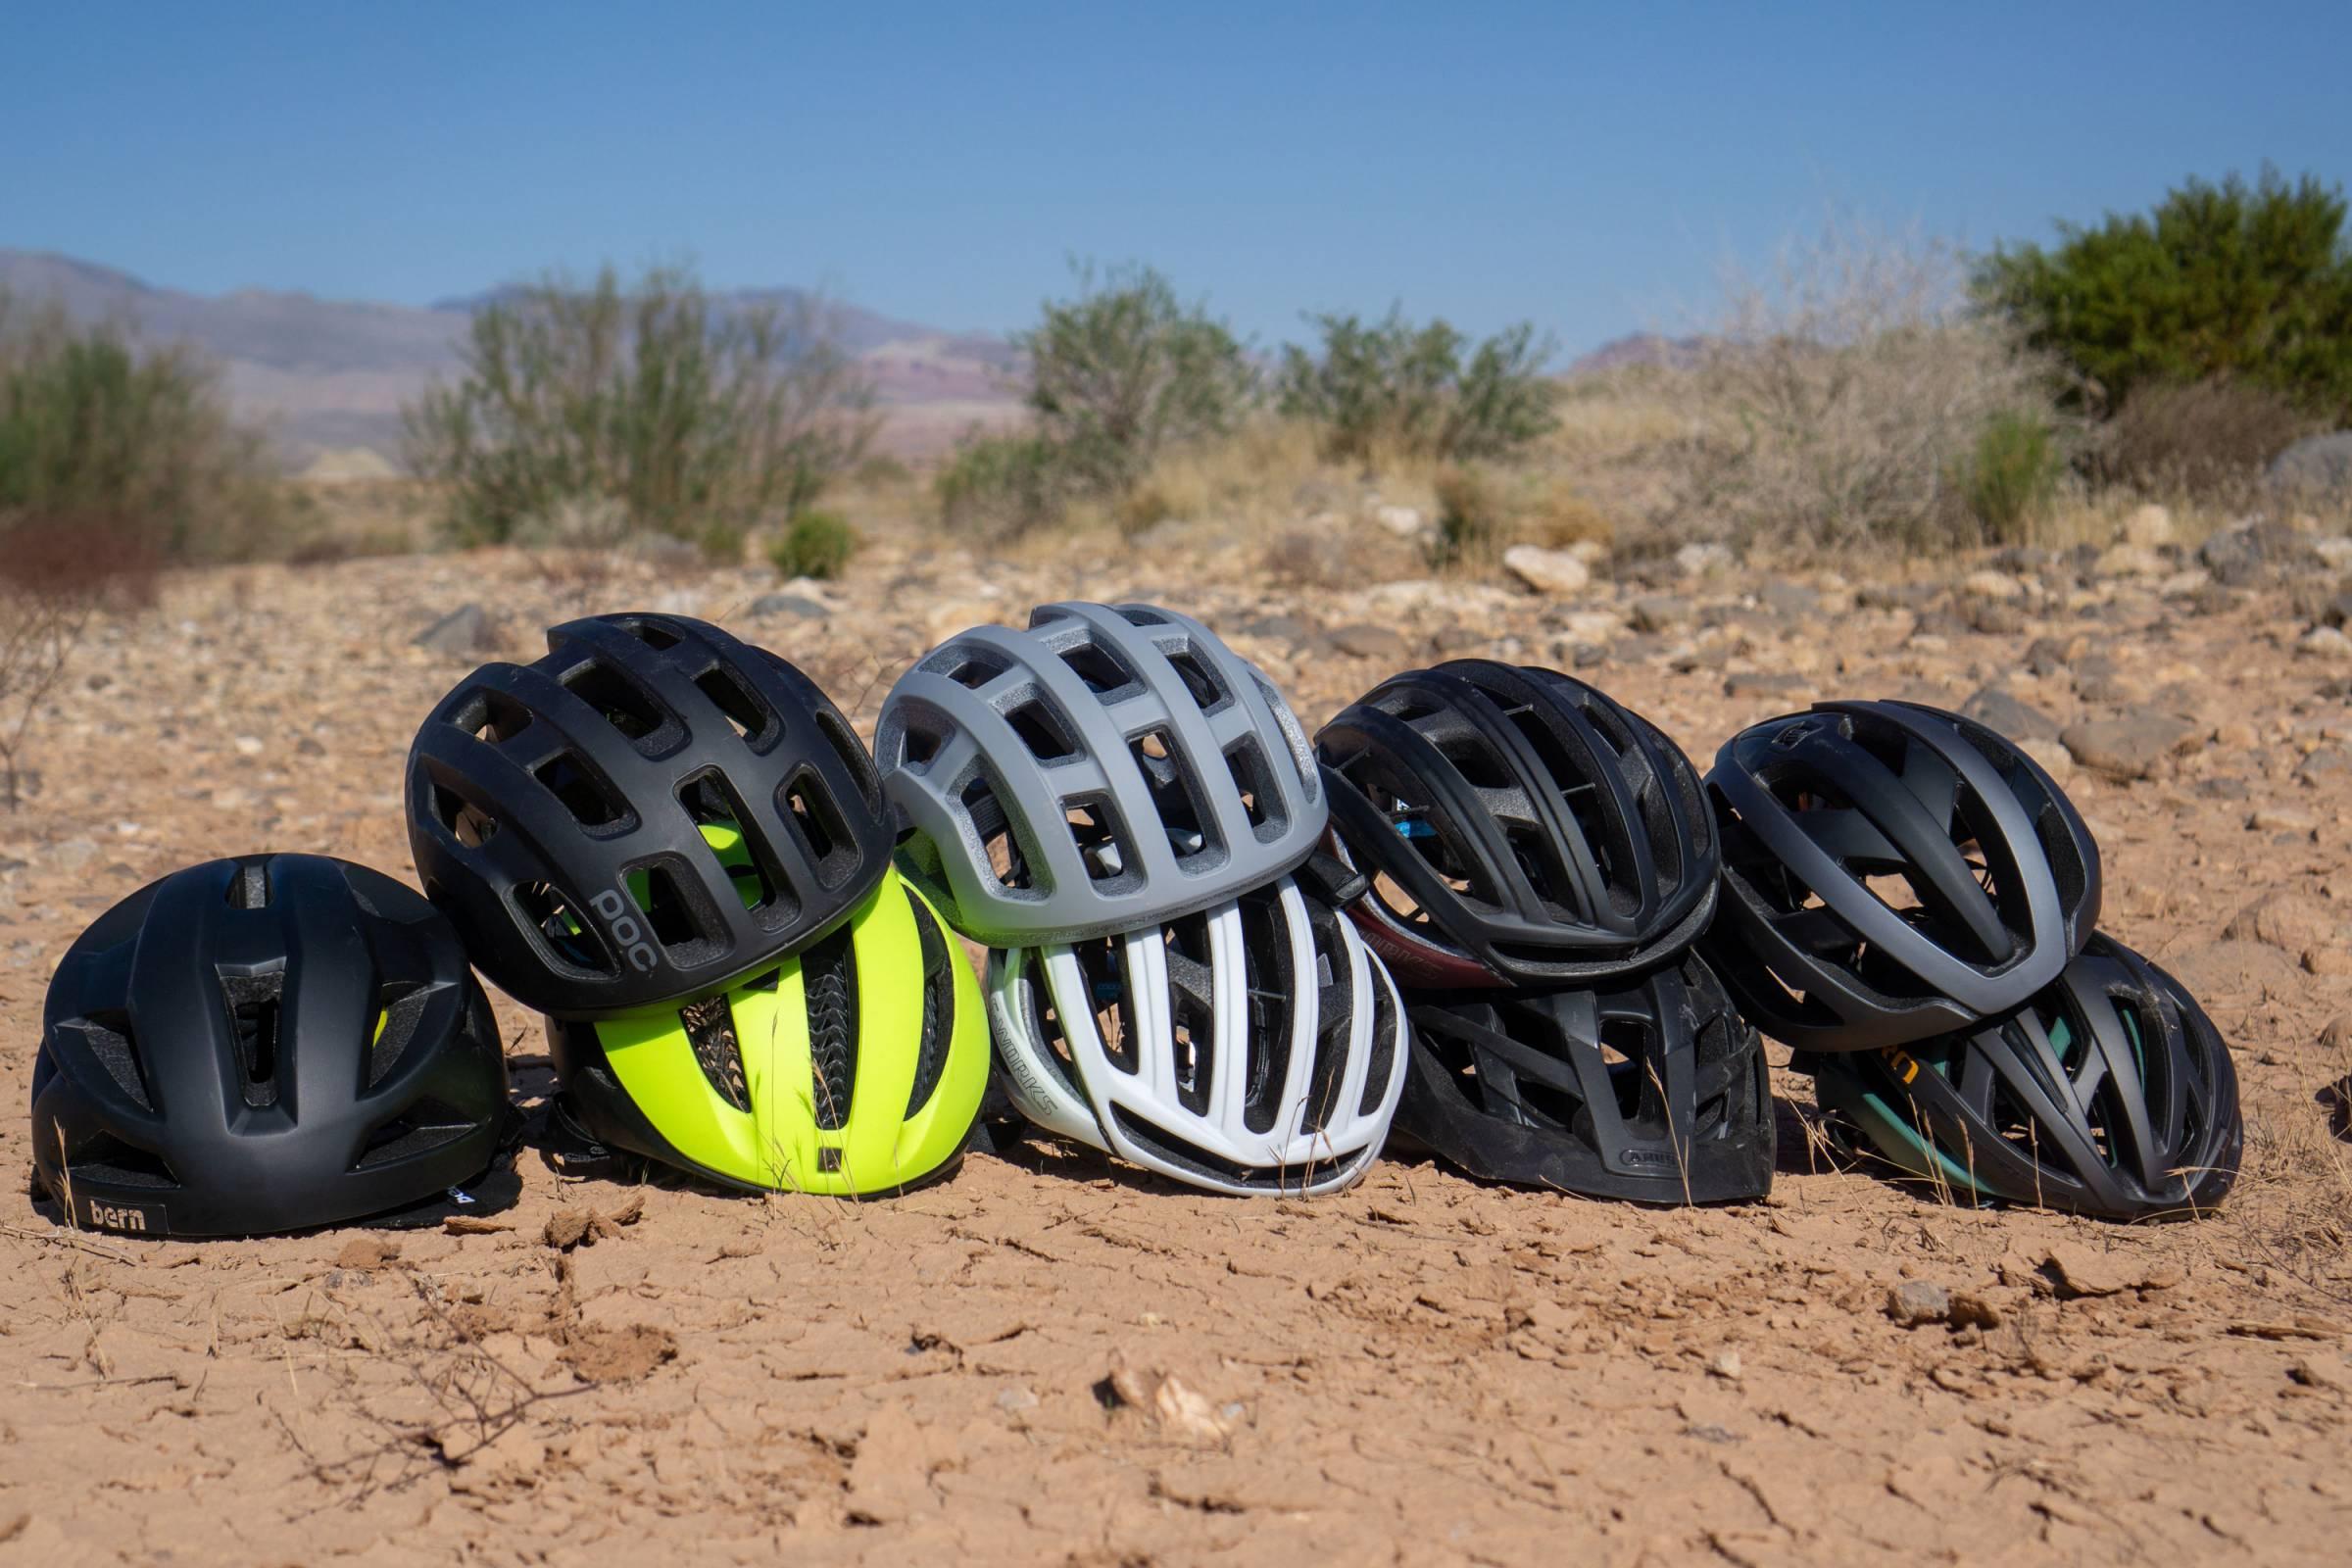 group of gravel bike helmets